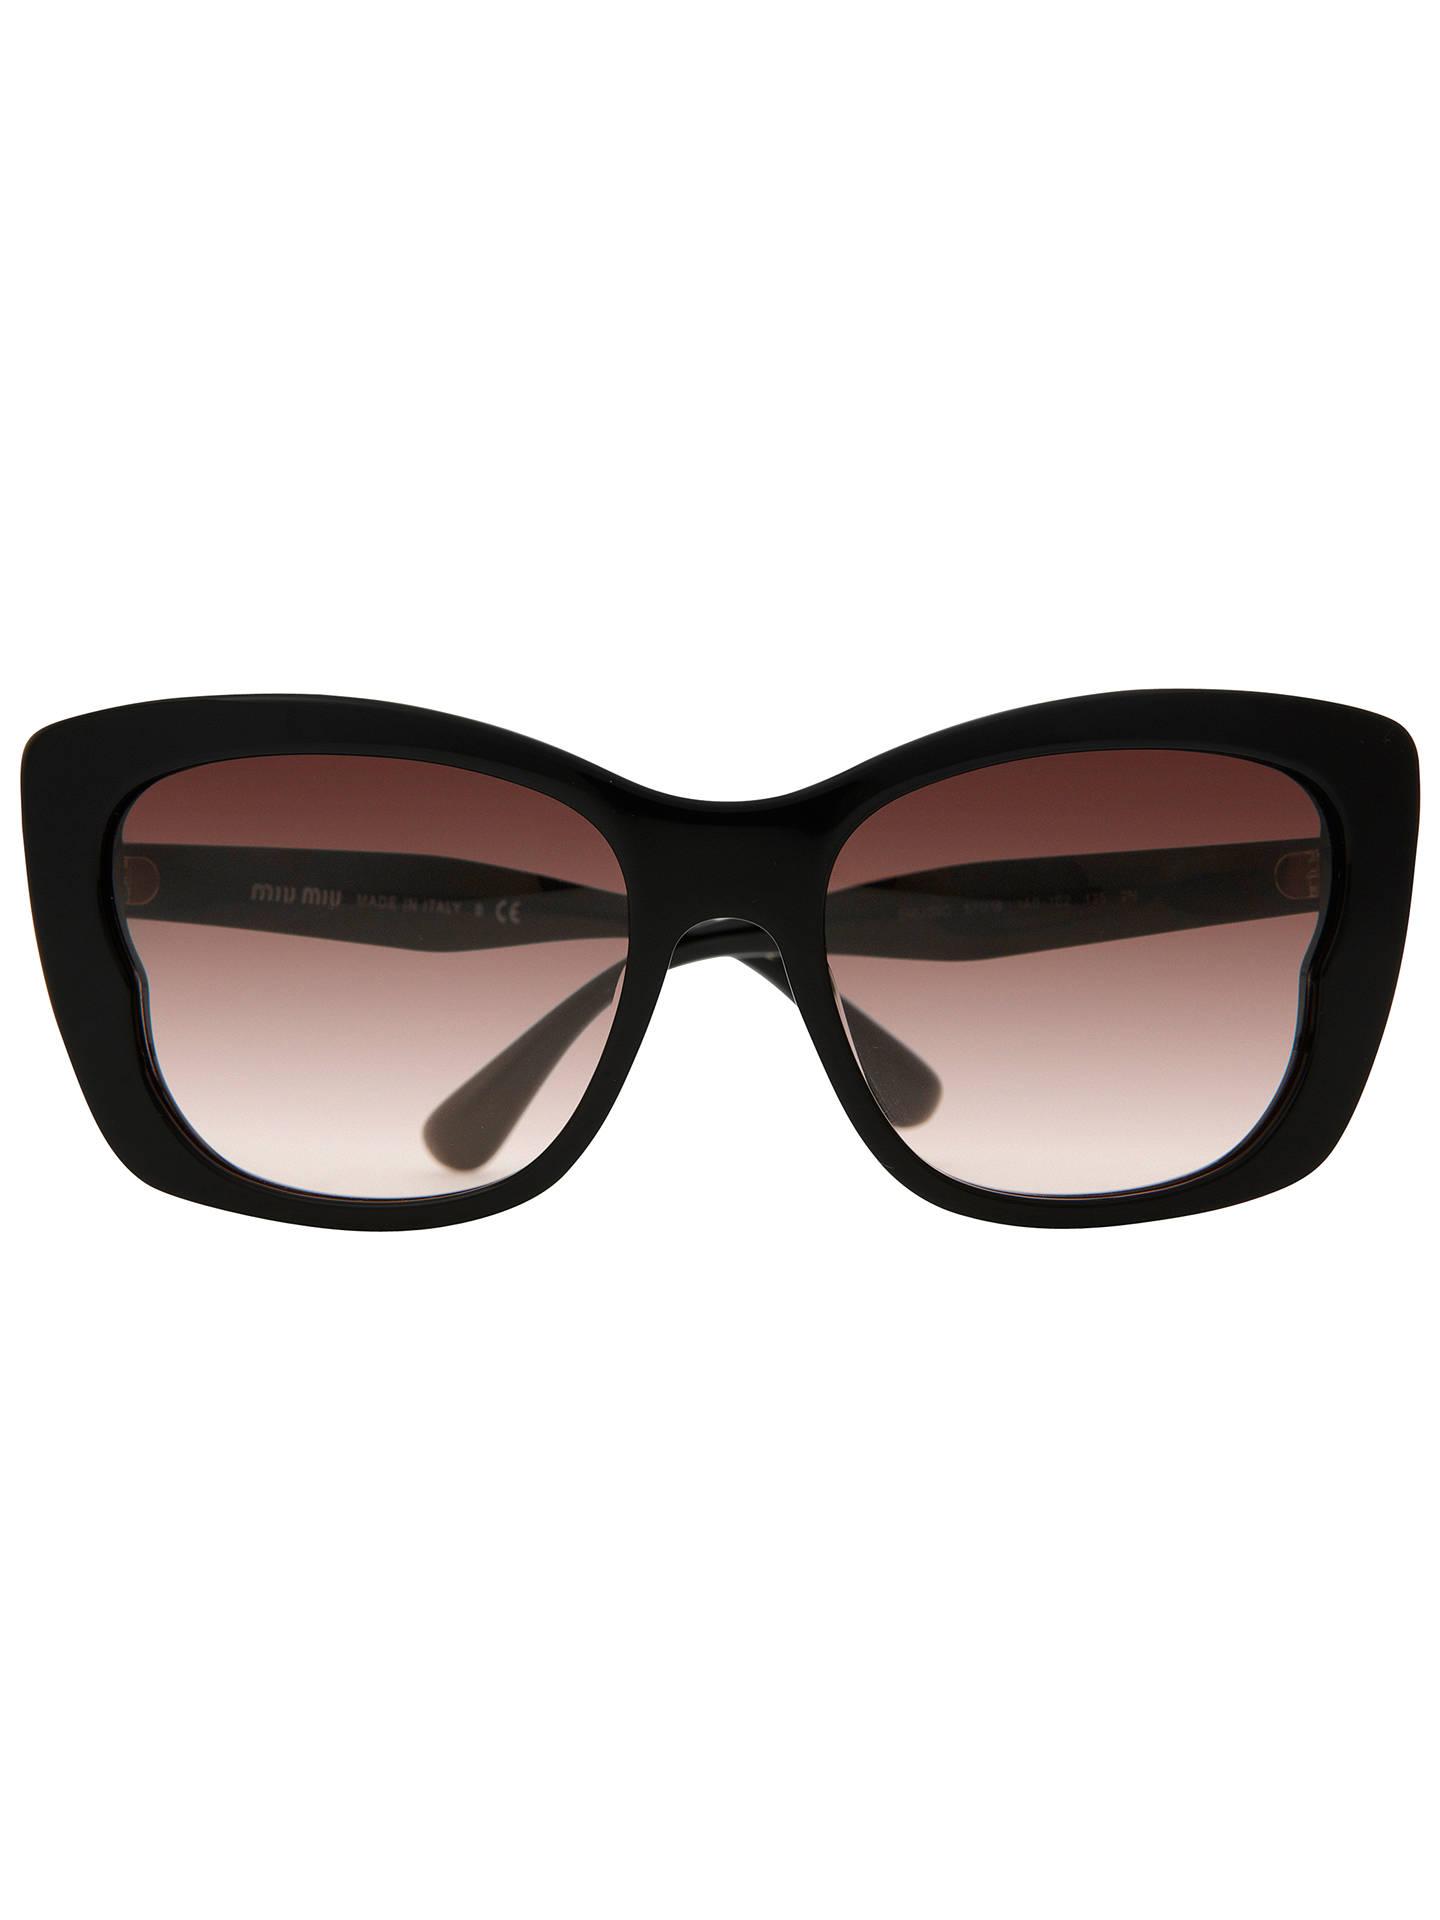 92f8667f8df3 ... Buy Miu Miu MU030S 1AB1E2 Oversize Square Cat s Eye Acetate Frame  Sunglasses